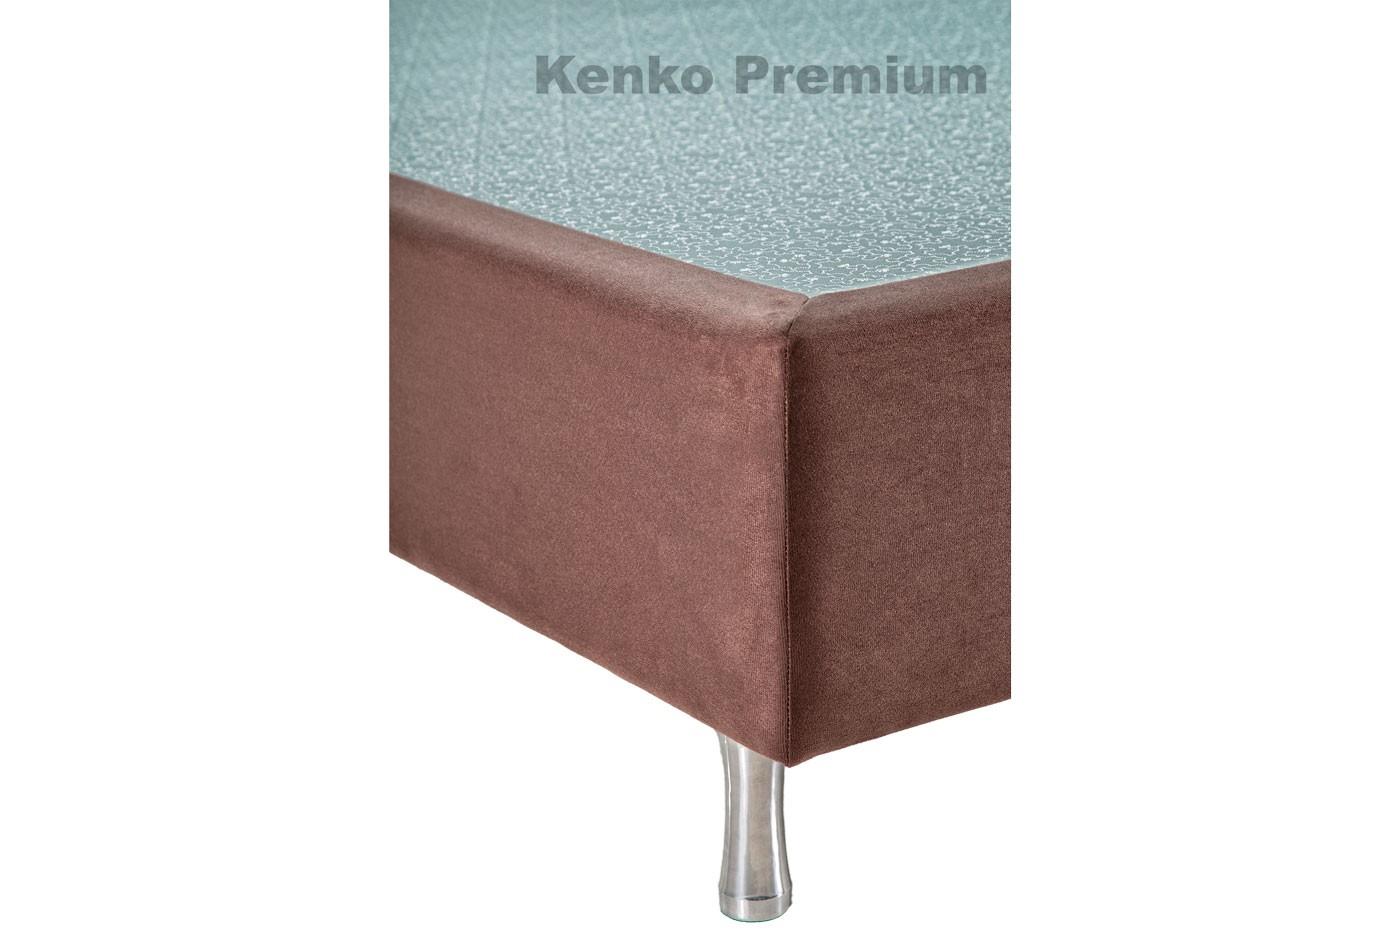 Box Base Para Colchão Solteiro Suede 0,88x1,88 Kenko Premium  - Kenko Premium Colchões